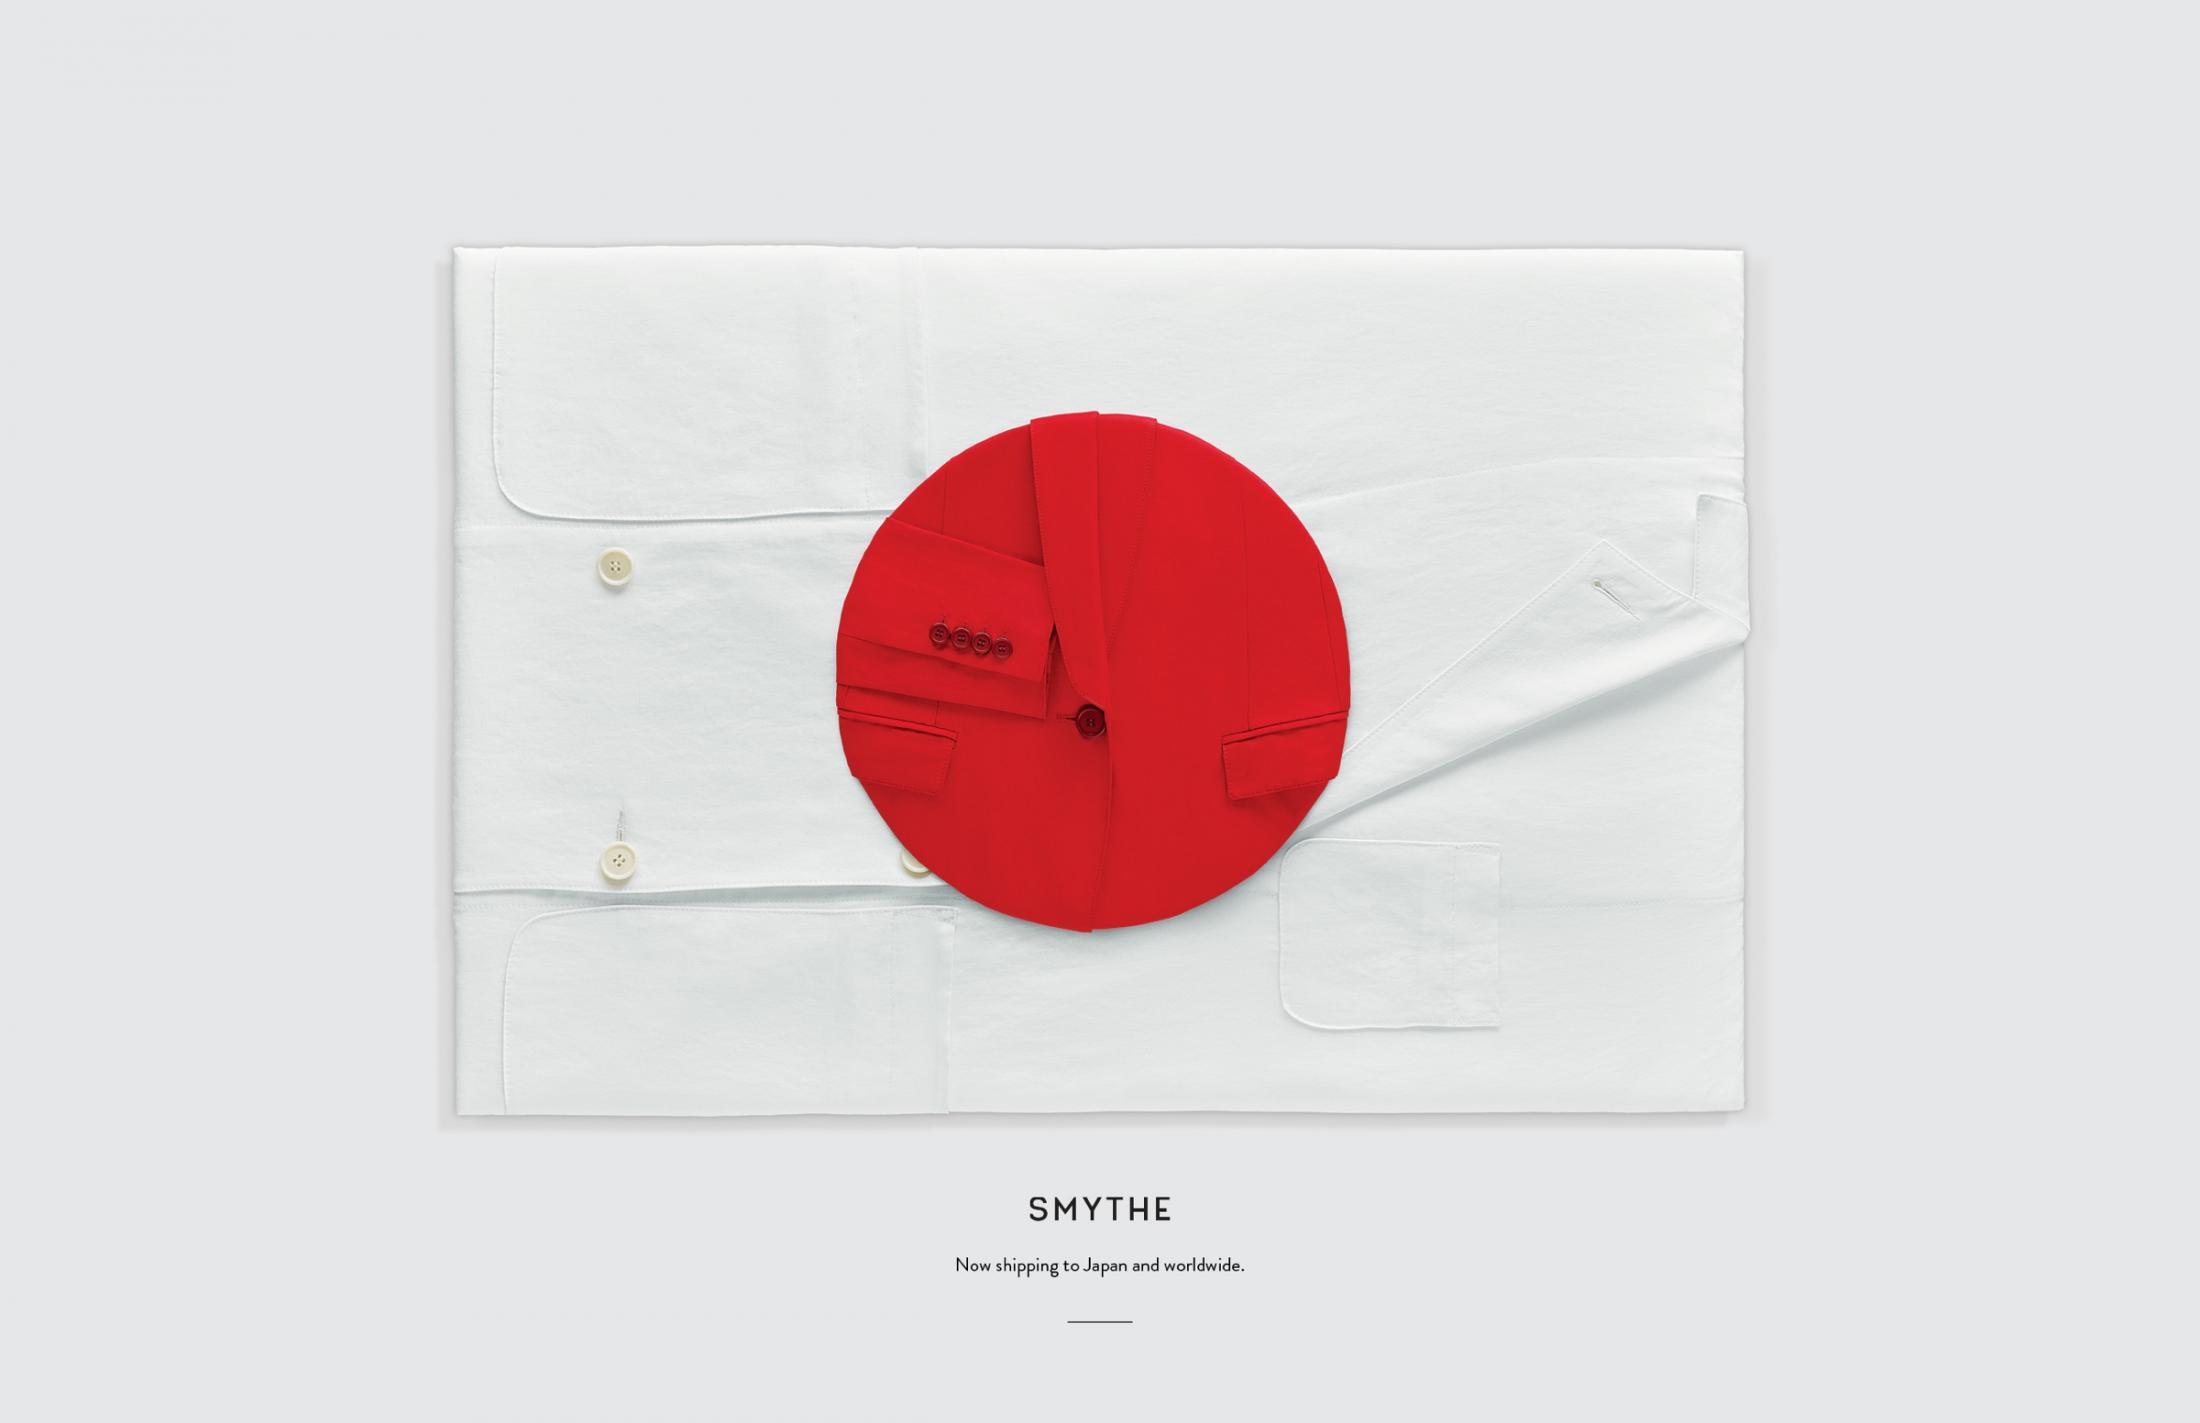 Smythe Print Ad - Flags, Japan